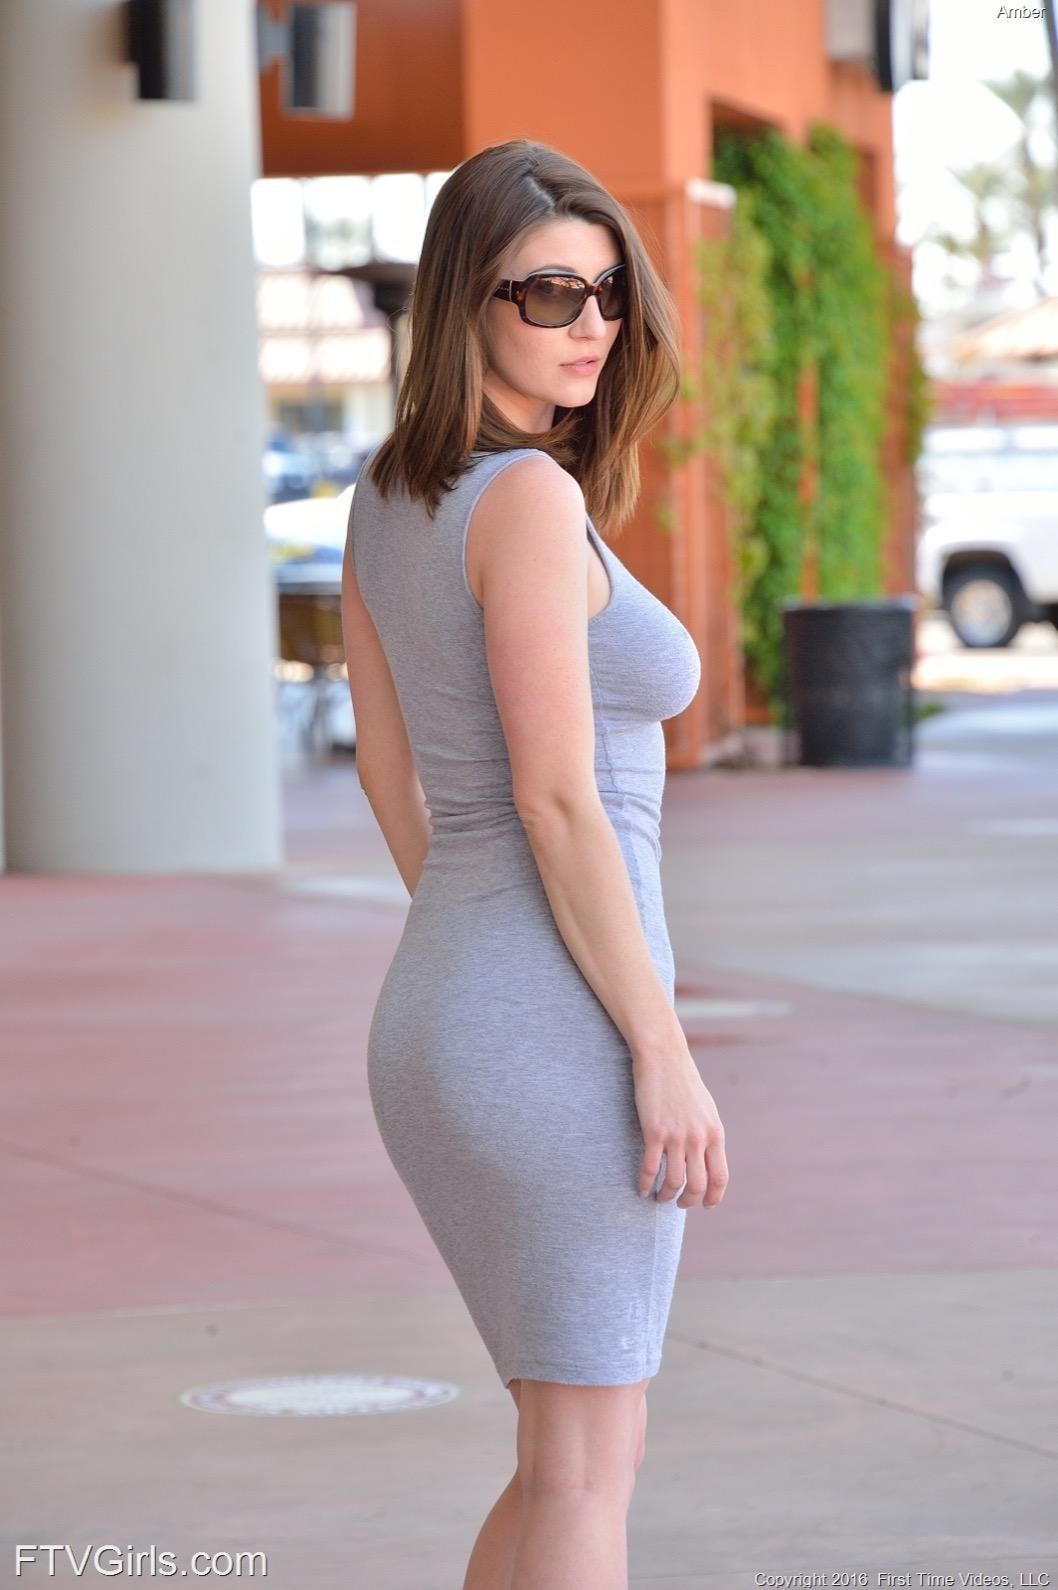 Обтягивающие платья без нижнего белья фото, порно видео муж тряпка